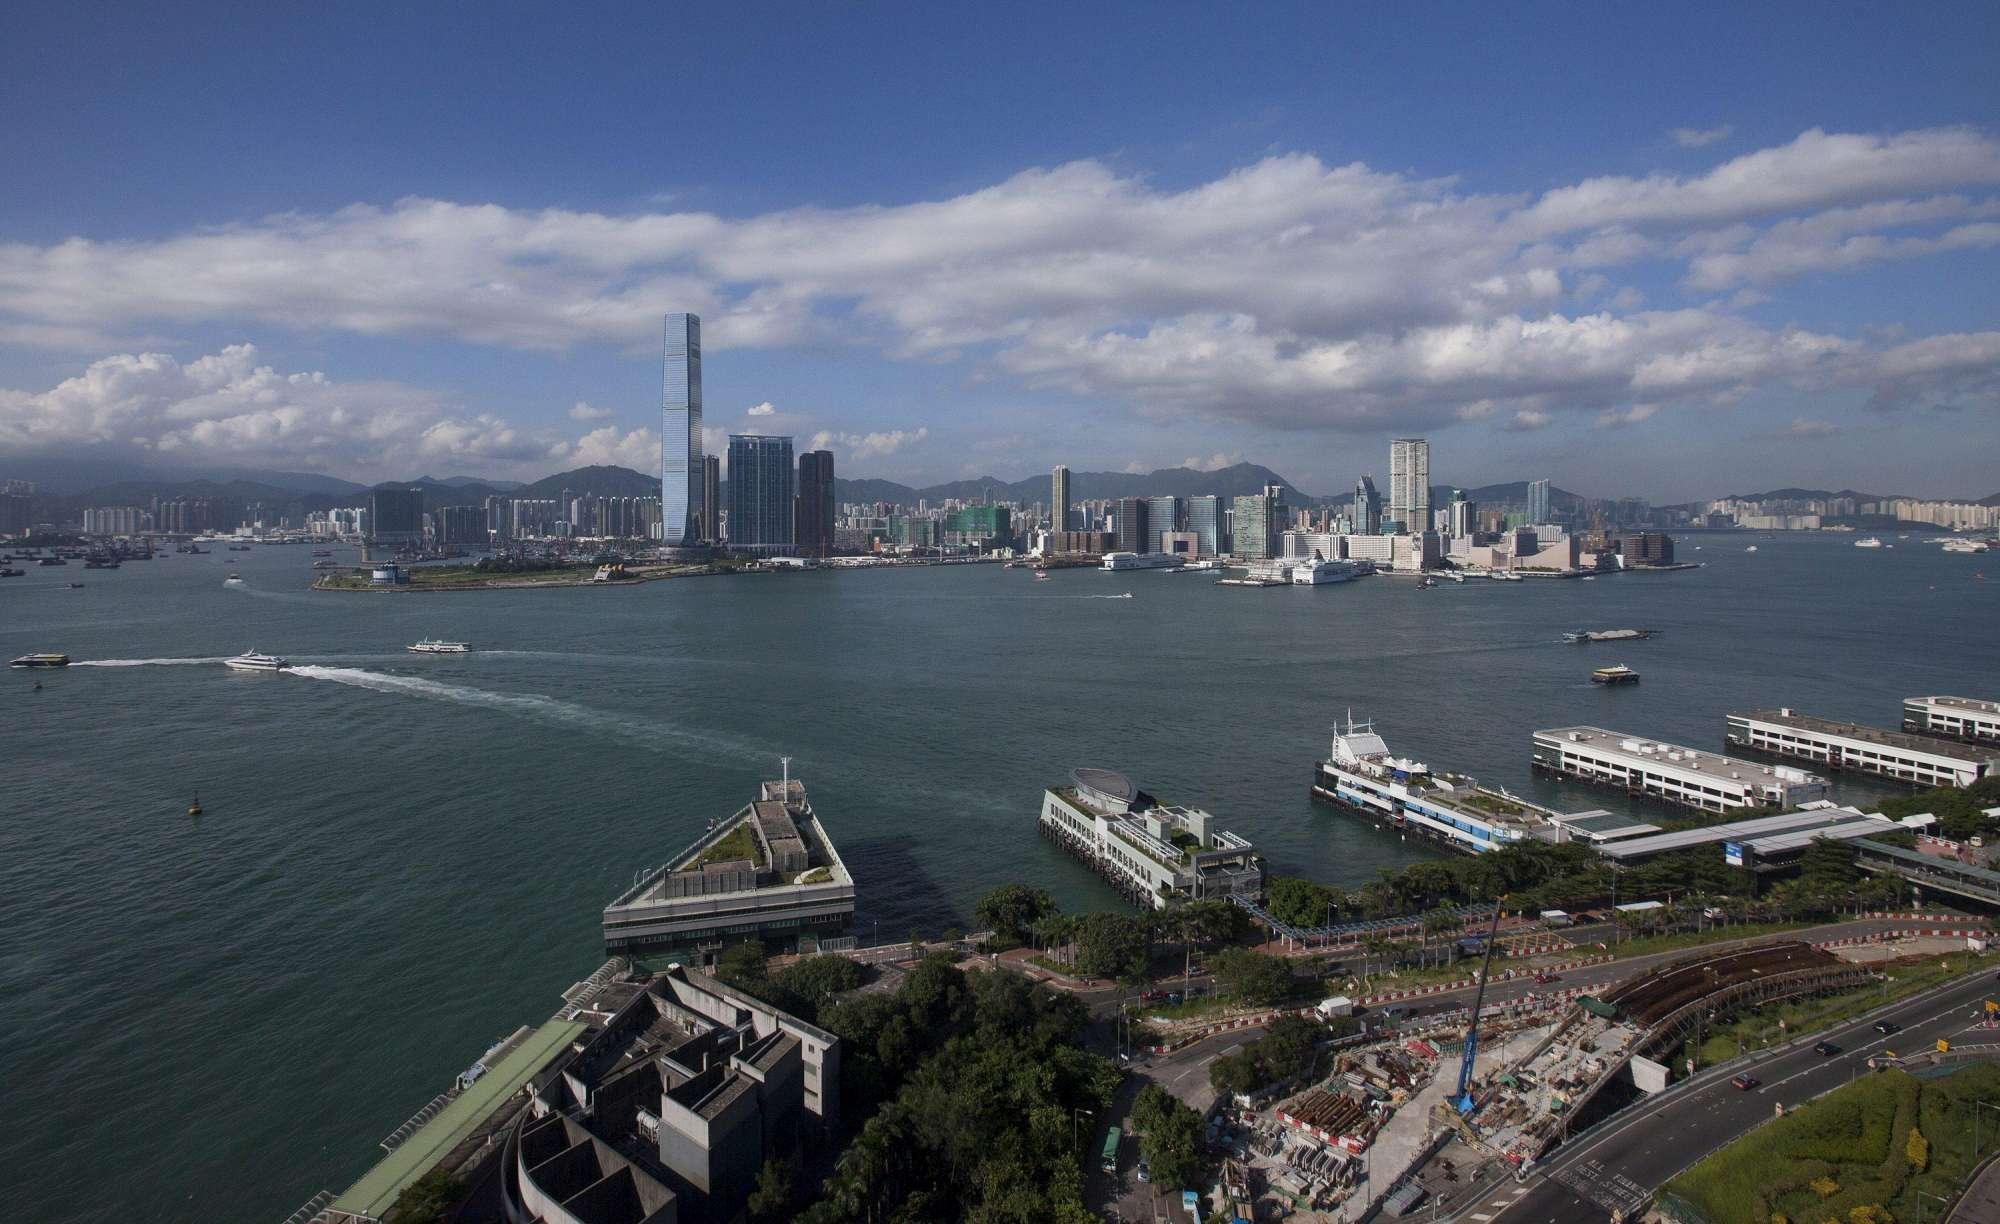 Turismo, la top 10 delle città più visitate al mondo: domina Hong Kong